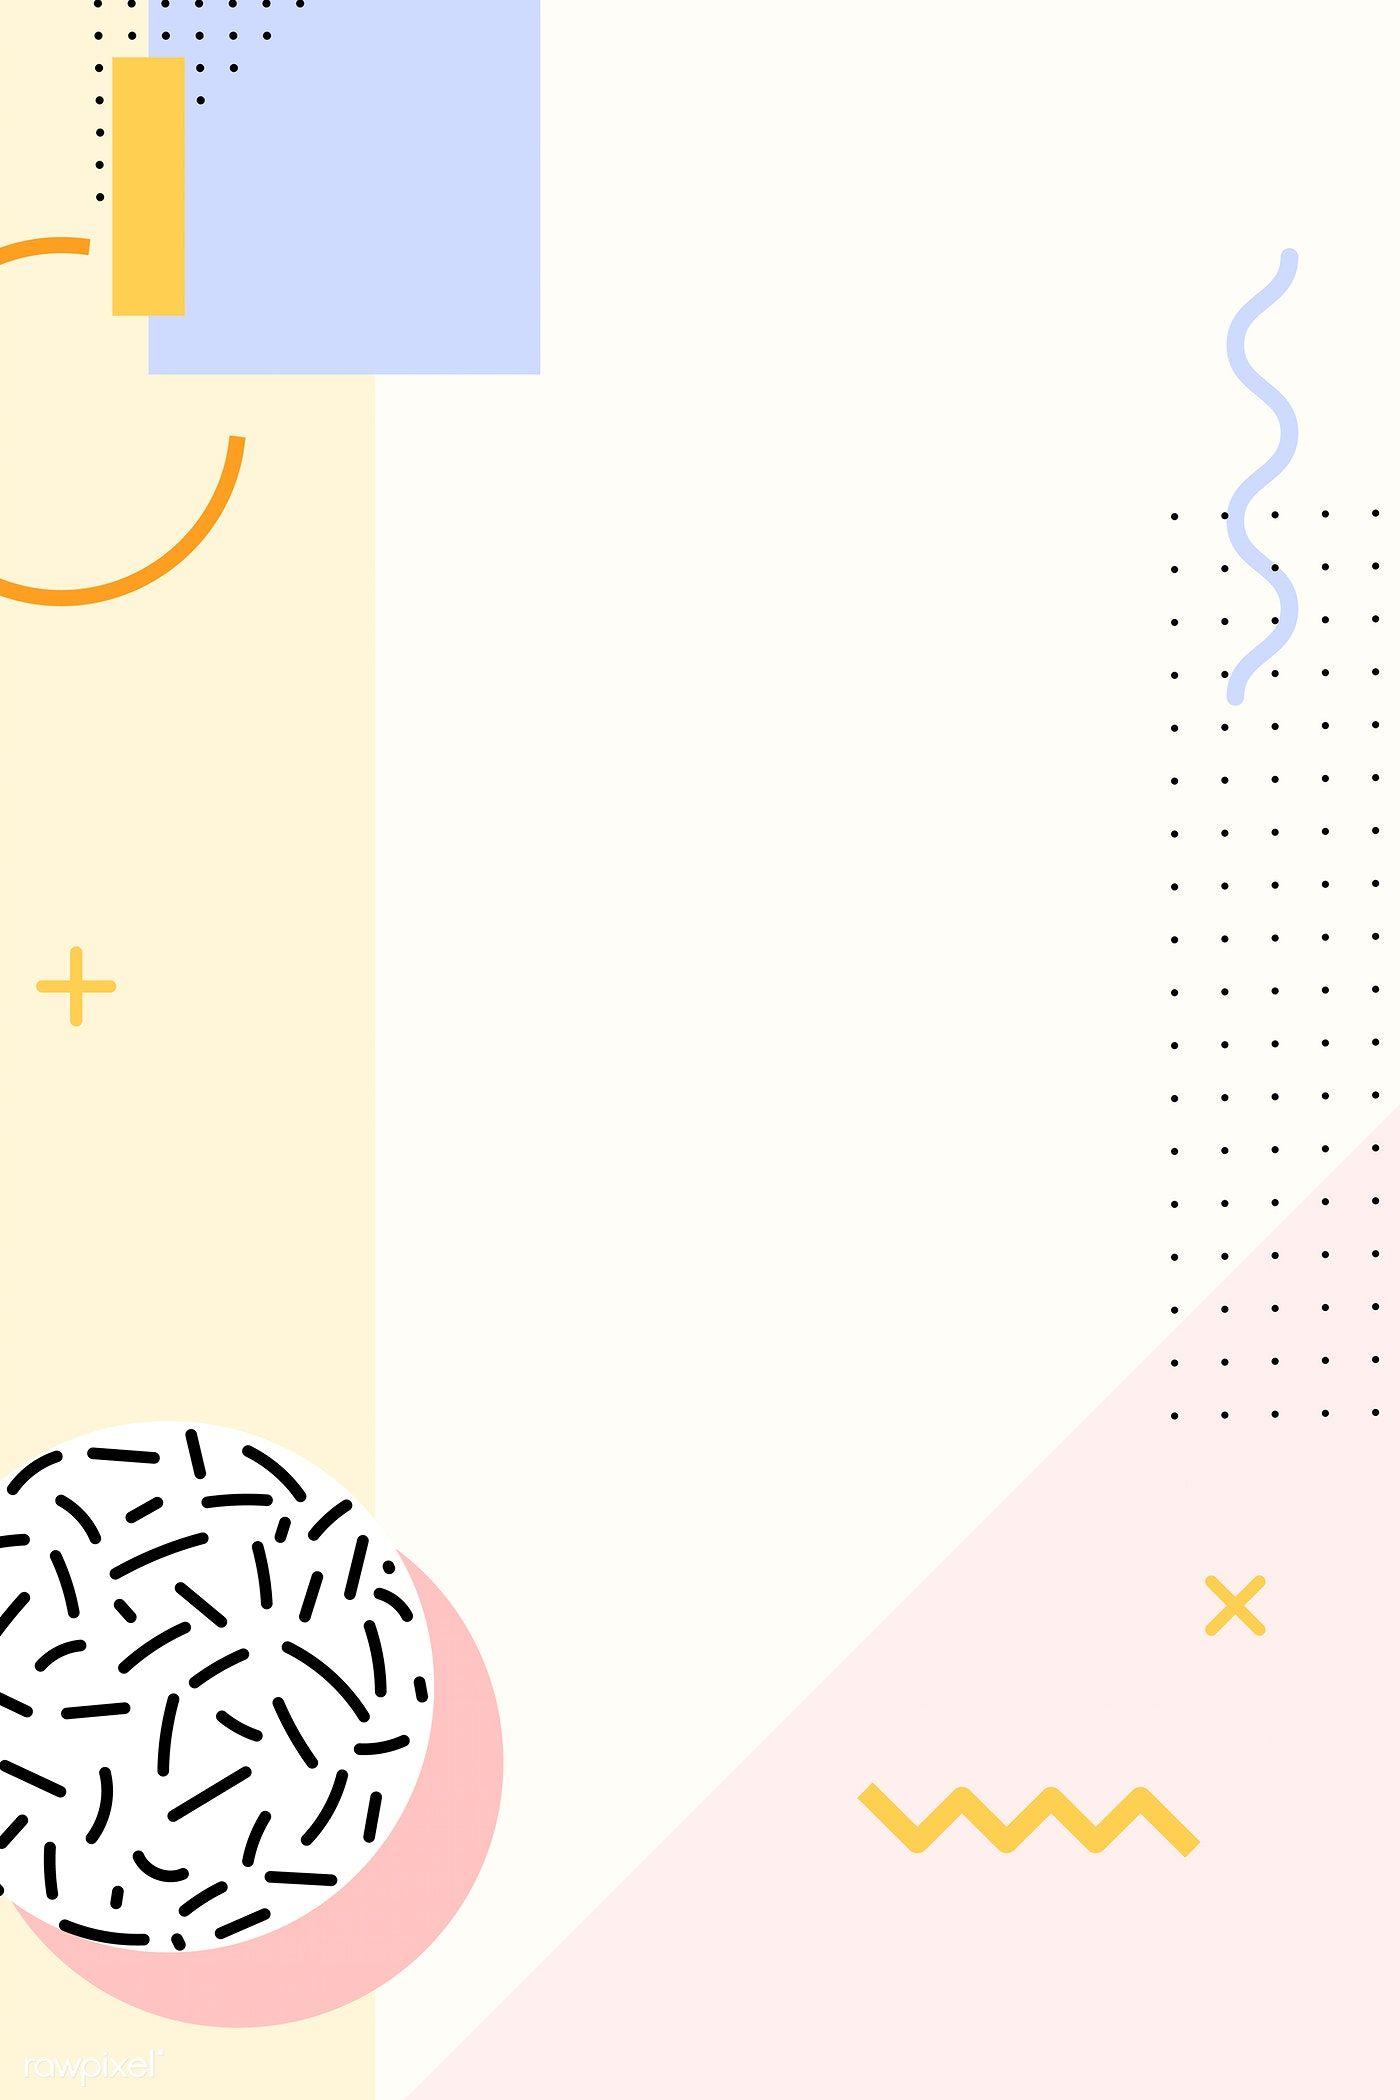 Pastel Memphis Pinterest Post Vector Free Image By Rawpixel Com Kappy Kappy Desain Banner Presentasi Desain Sampul Buku